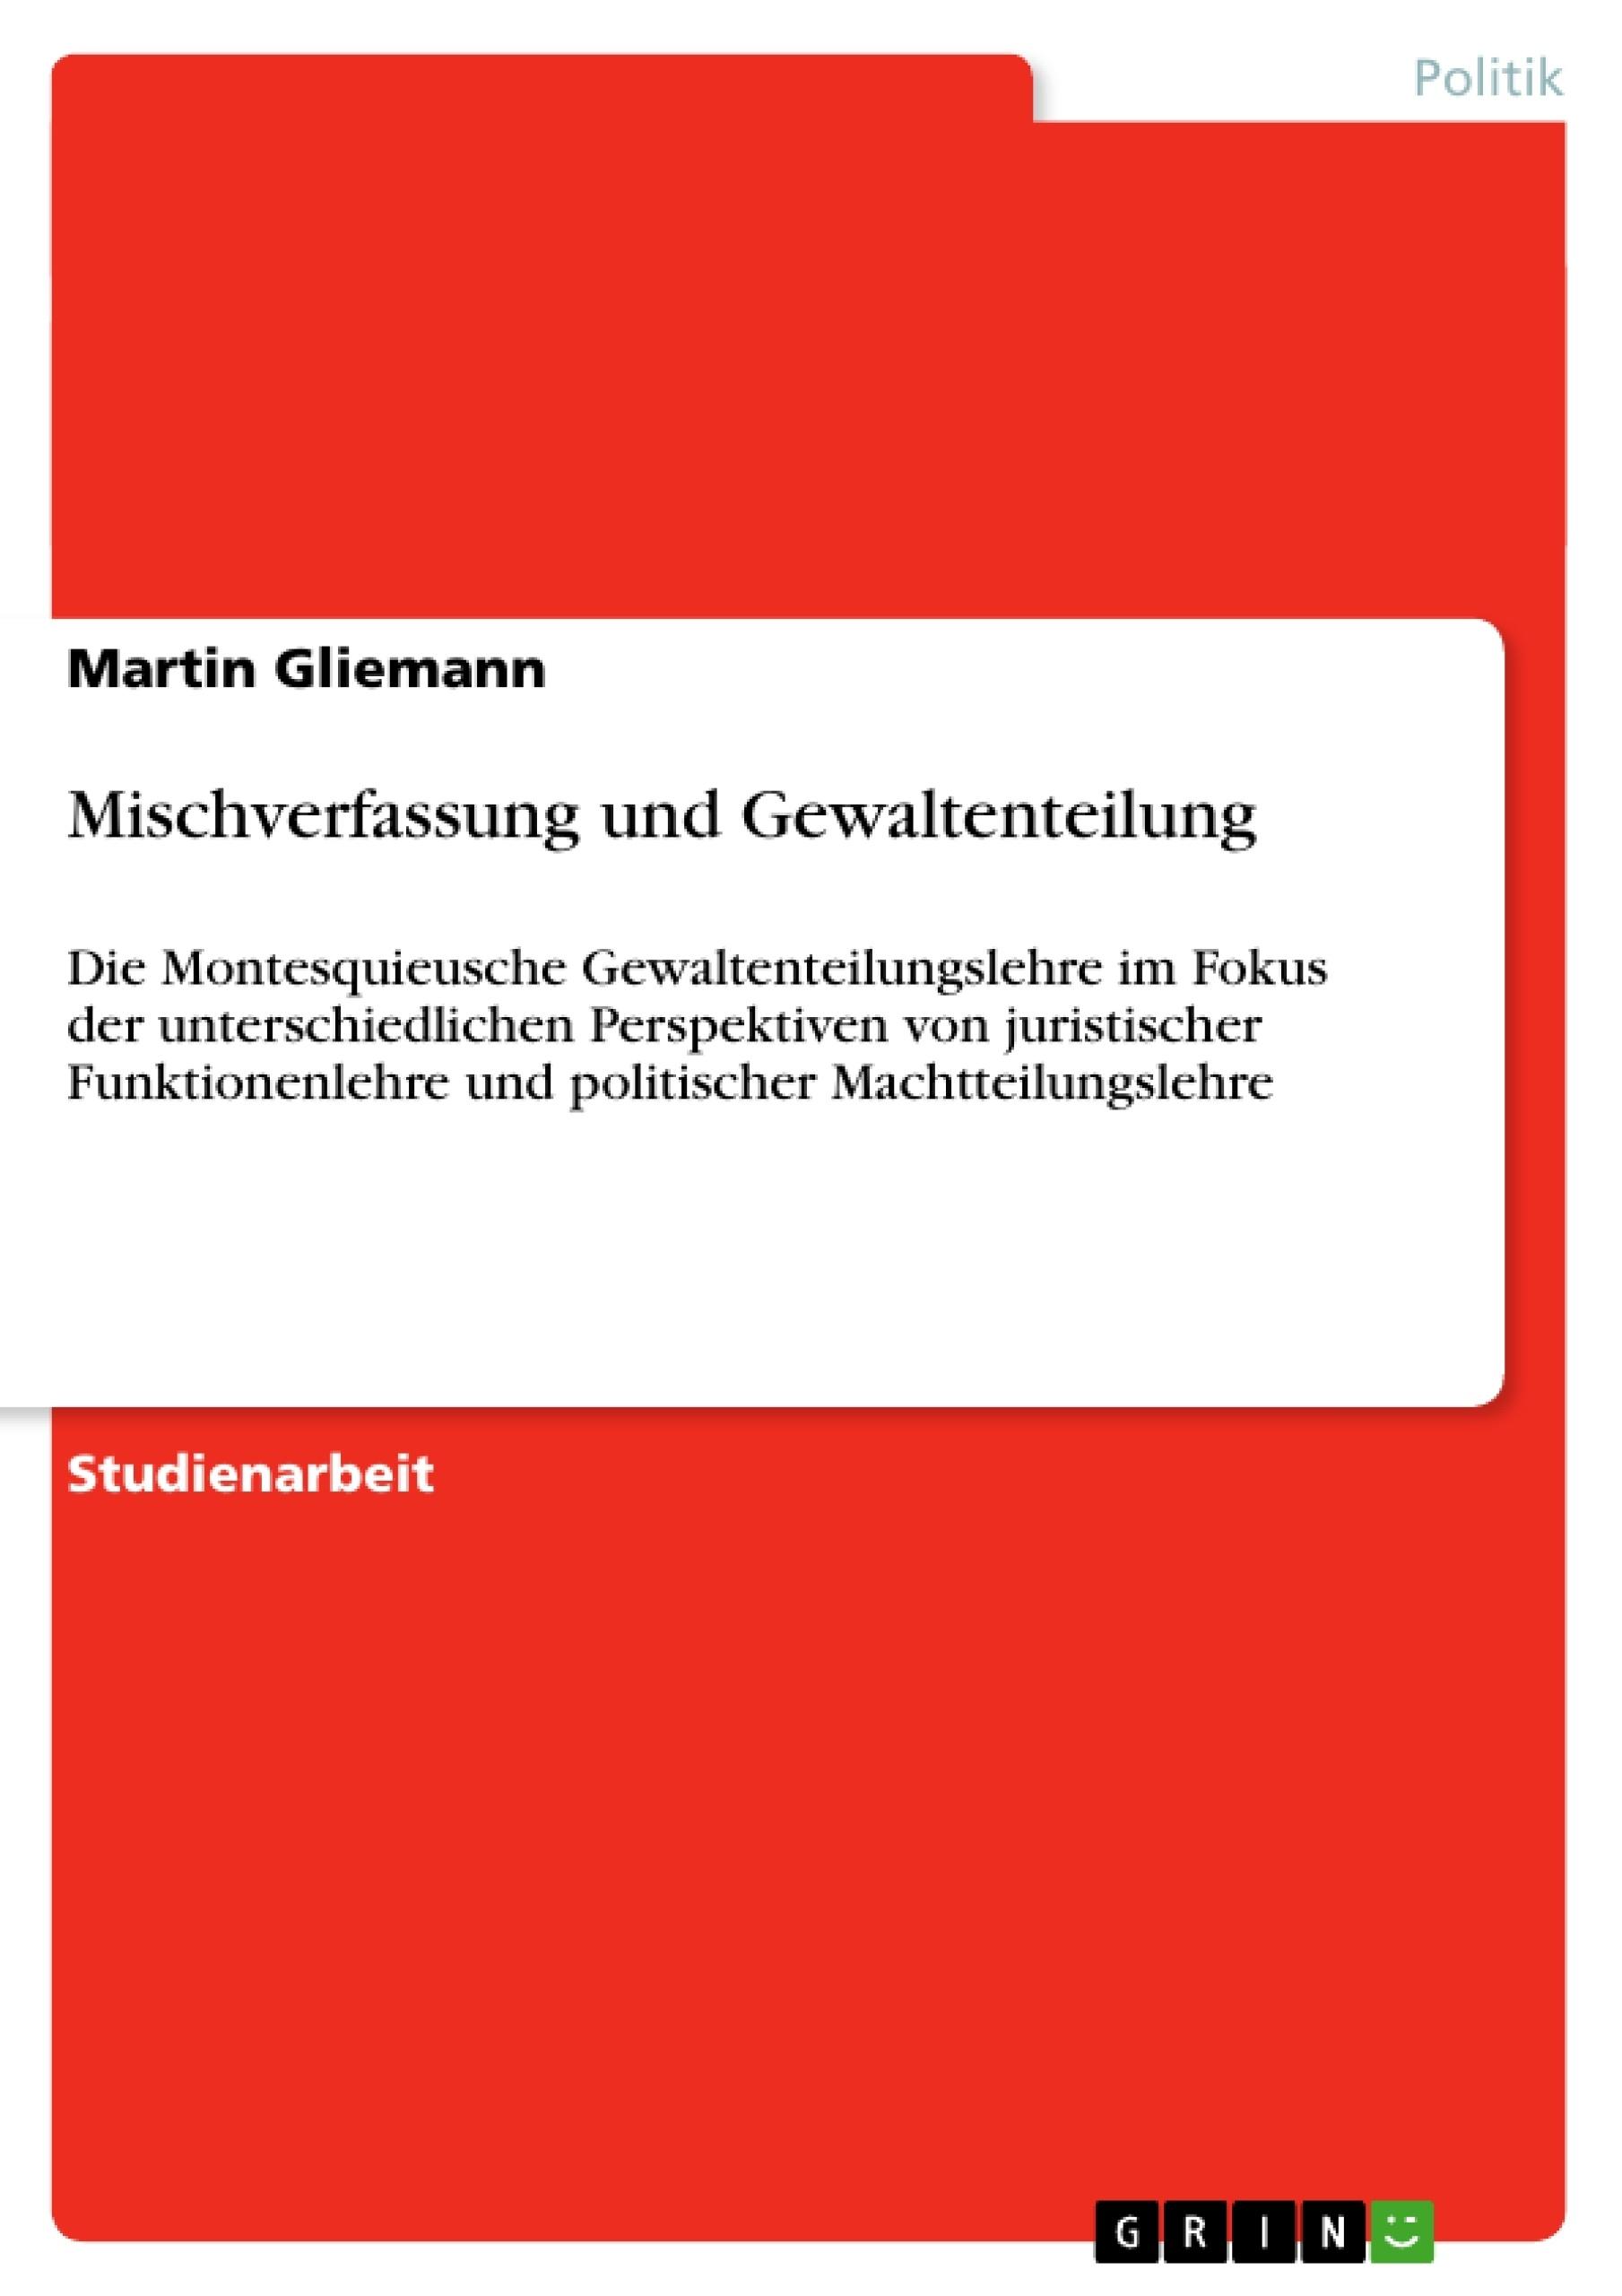 Titel: Mischverfassung und Gewaltenteilung